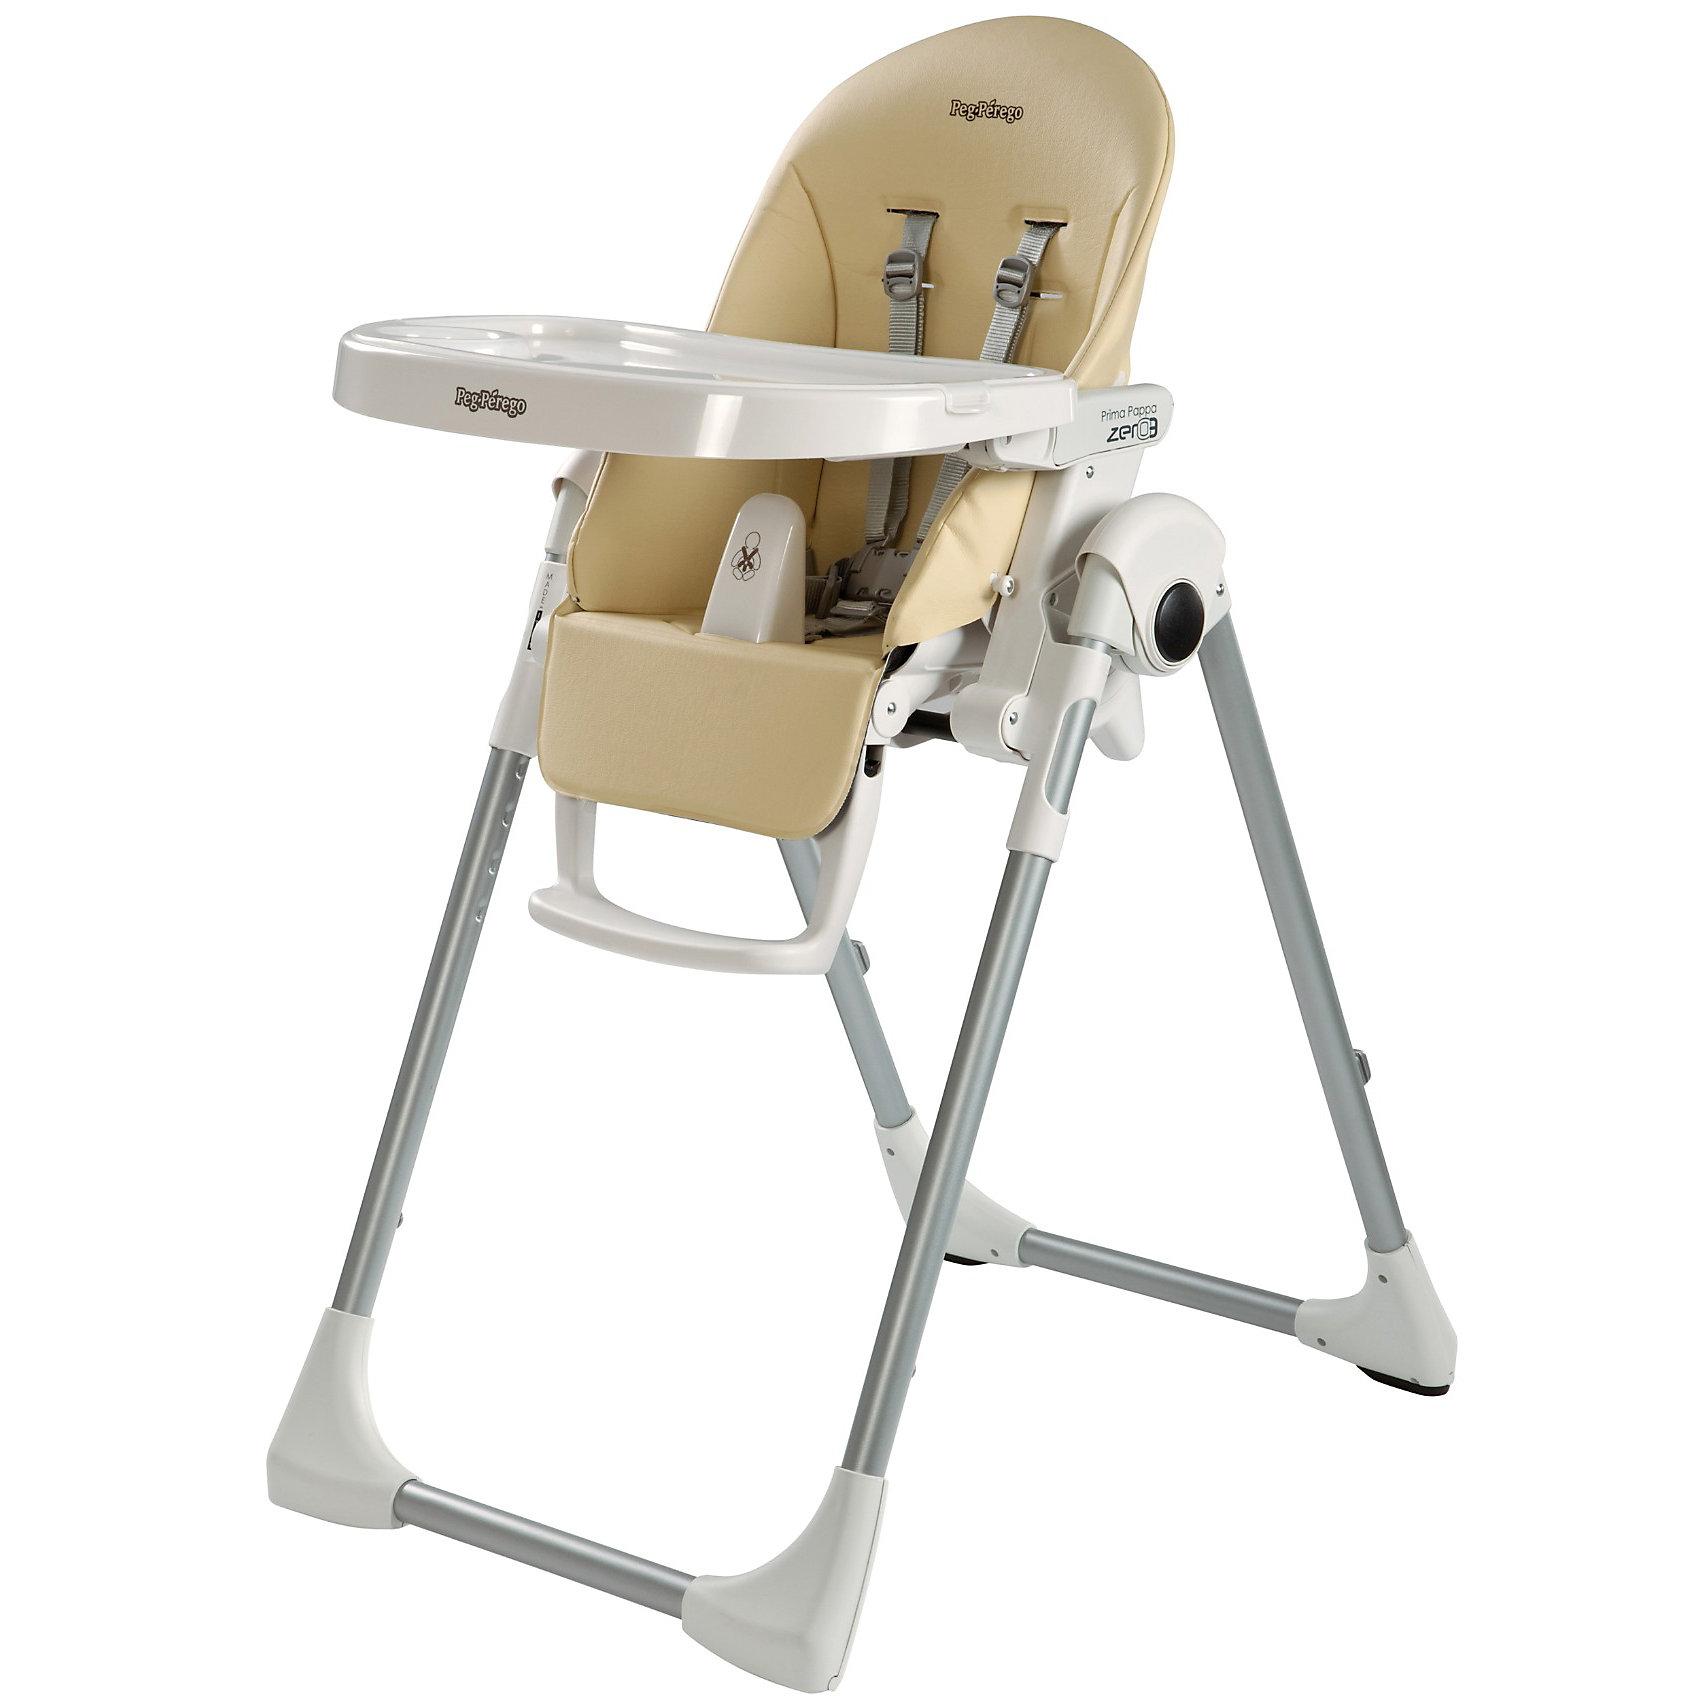 Стульчик для кормления Prima Pappa Zero3, Peg-Perego, Paloma кремУдобный и функциональный стульчик Prima Pappa Zero3, Peg-Perego, обеспечит комфорт и безопасность Вашего малыша во время кормления. Спинка сиденья легко регулируется в 5 положениях (вплоть до горизонтального), что позволяет использовать стульчик как для кормления так<br>и для игр и сна. Широкое и эргономичное мягкое сиденье будет удобно как малышу, так и ребенку постарше. Стульчик оснащен регулируемыми 5-точечными ремнями безопасности, а планка-разделитель для ножек под столиком не даст малышу соскользнуть. Высота стула<br>регулируется в 7 положениях, выбрав самое низкое положение и убрав столик, Вы легко трансформируете стул для кормления в низкий безопасный детский стульчик, куда ребенок может садиться сам. Подножка регулируется в 3 позициях, позволяя выбрать оптимальное для ребенка<br>положение. <br><br>Широкий съемный столик оснащен подносом с отделениями для кружки или стакана, поднос можно снять для быстрой чистки и использовать основную поверхность для игр и занятий. Для детей постарше стул можно использовать без столика для кормления, придвинув его к столу<br>для взрослых. Ножки оснащены колесиками с блокираторами, что позволяет легко перемещать стульчик по комнате. Кожаный чехол легко снимаются для чистки. Стульчик легко и компактно складывается и занимает мало места при хранении. Подходит для детей в возрасте от 0<br>месяцев до 3 лет.<br><br>Дополнительная информация:<br><br>- Цвет: Paloma крем.<br>- Материал: пластик, эко-кожа.<br>- Размер в разложенном состоянии: 55 х 76 х 105 см. <br>- Размер в сложенном состоянии: 58 х 28,5 х 103,5 cм. <br>- Вес: 7,6 кг.<br><br>Стульчик для кормления Prima Pappa Zero3, Peg-Perego, Paloma крем, можно купить в нашем интернет-магазине.<br><br>Ширина мм: 960<br>Глубина мм: 560<br>Высота мм: 300<br>Вес г: 9800<br>Возраст от месяцев: 0<br>Возраст до месяцев: 36<br>Пол: Унисекс<br>Возраст: Детский<br>SKU: 2976696